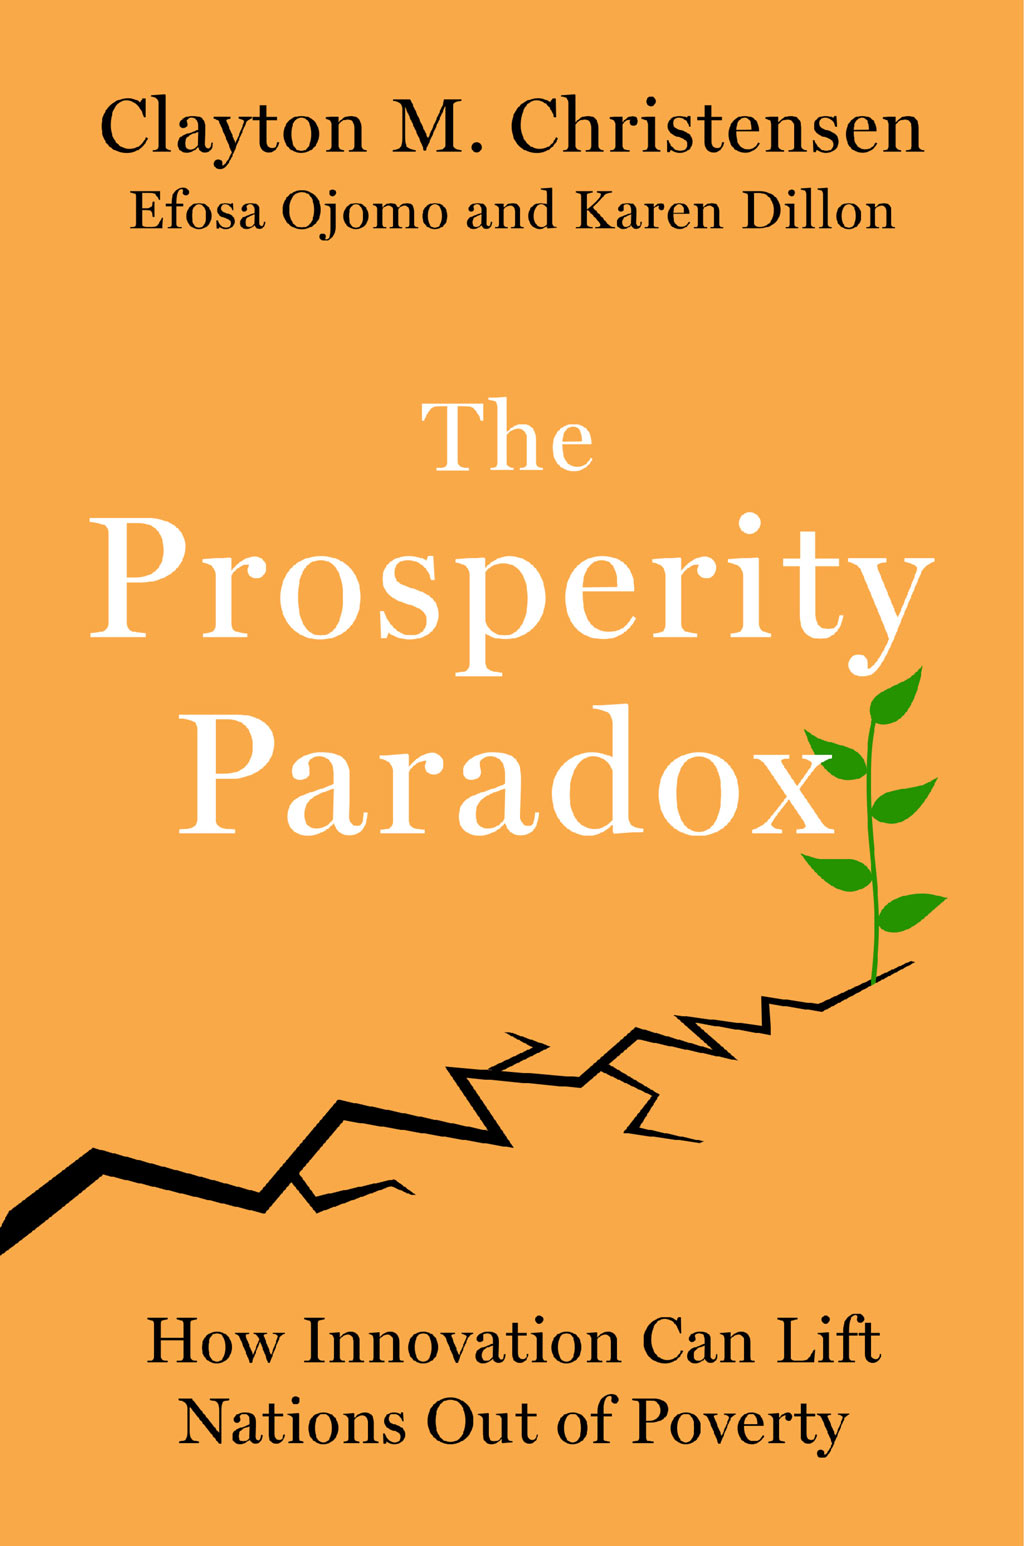 Prosperity-Paradox-Book-Clayton-Christensen.jpg